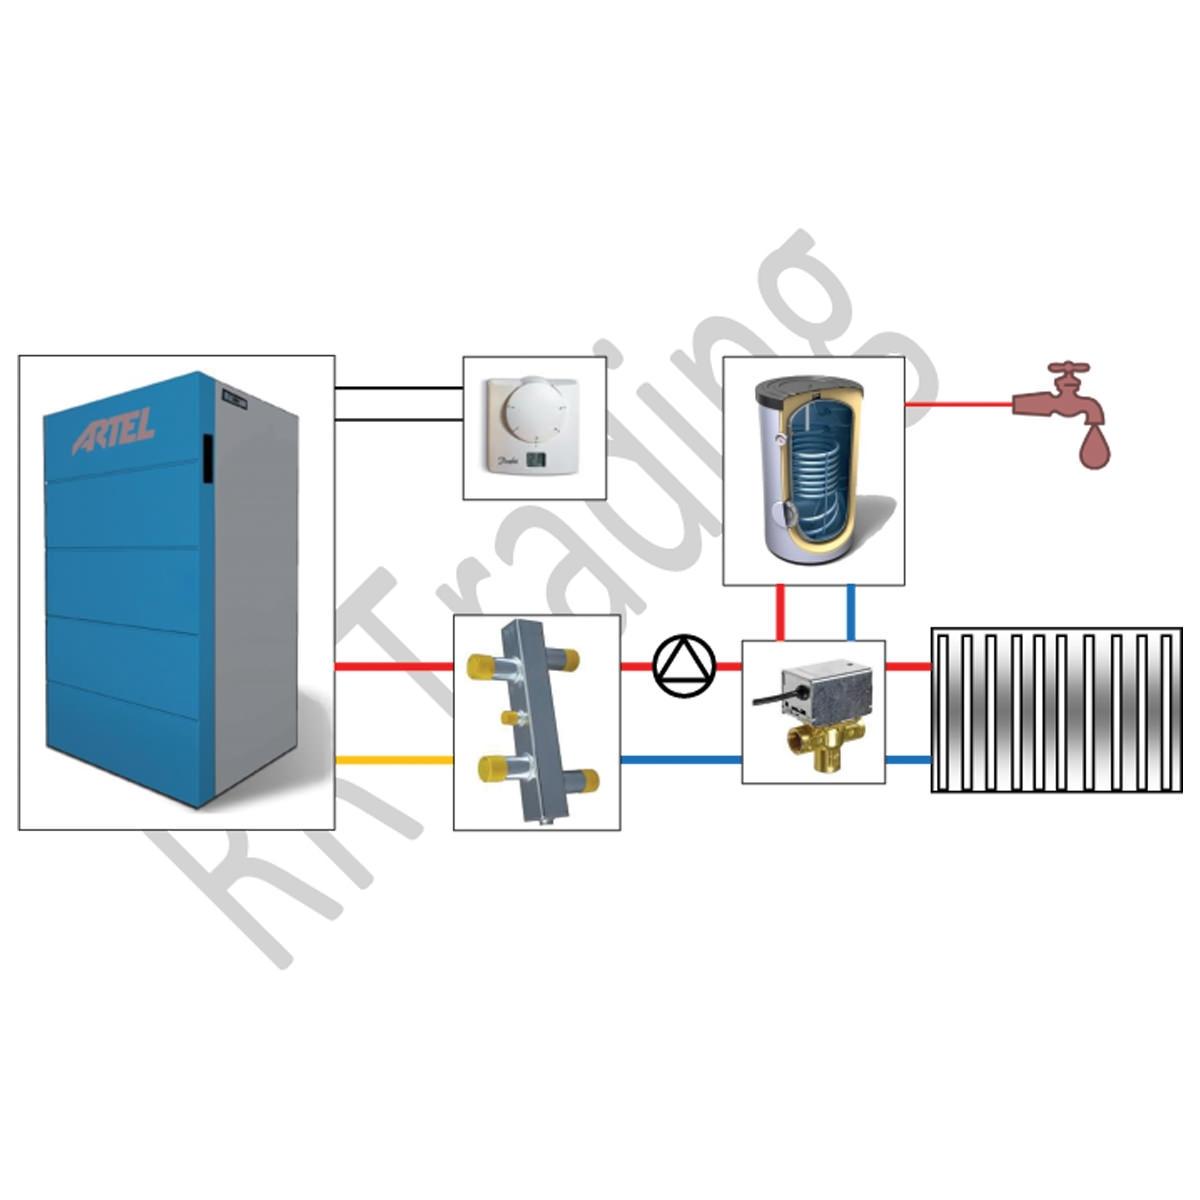 Pelletkachel CV met boiler